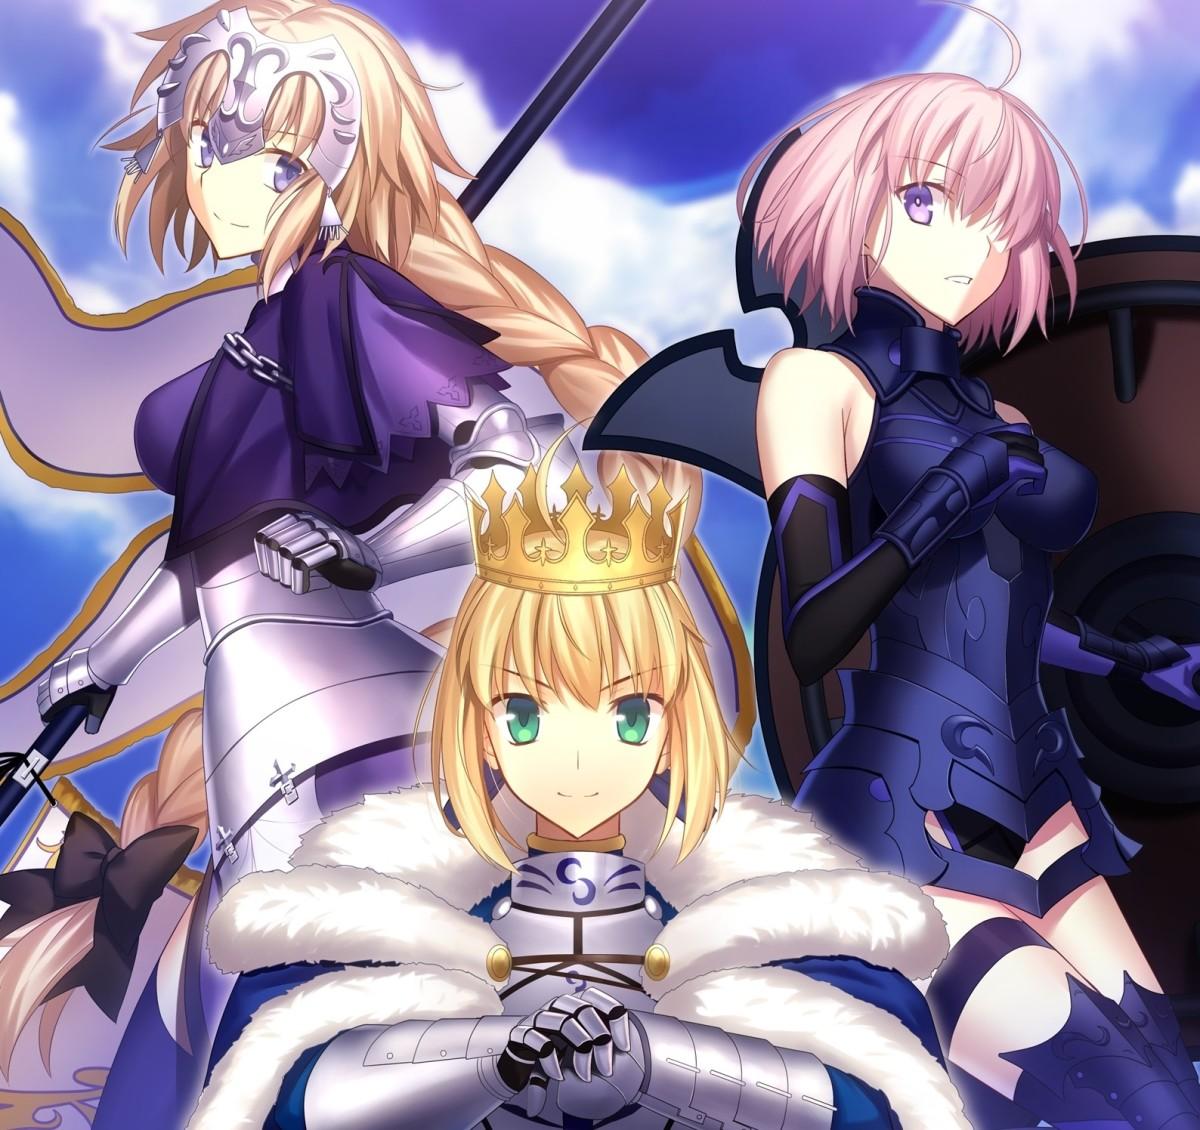 Servants in Fate Grand Order